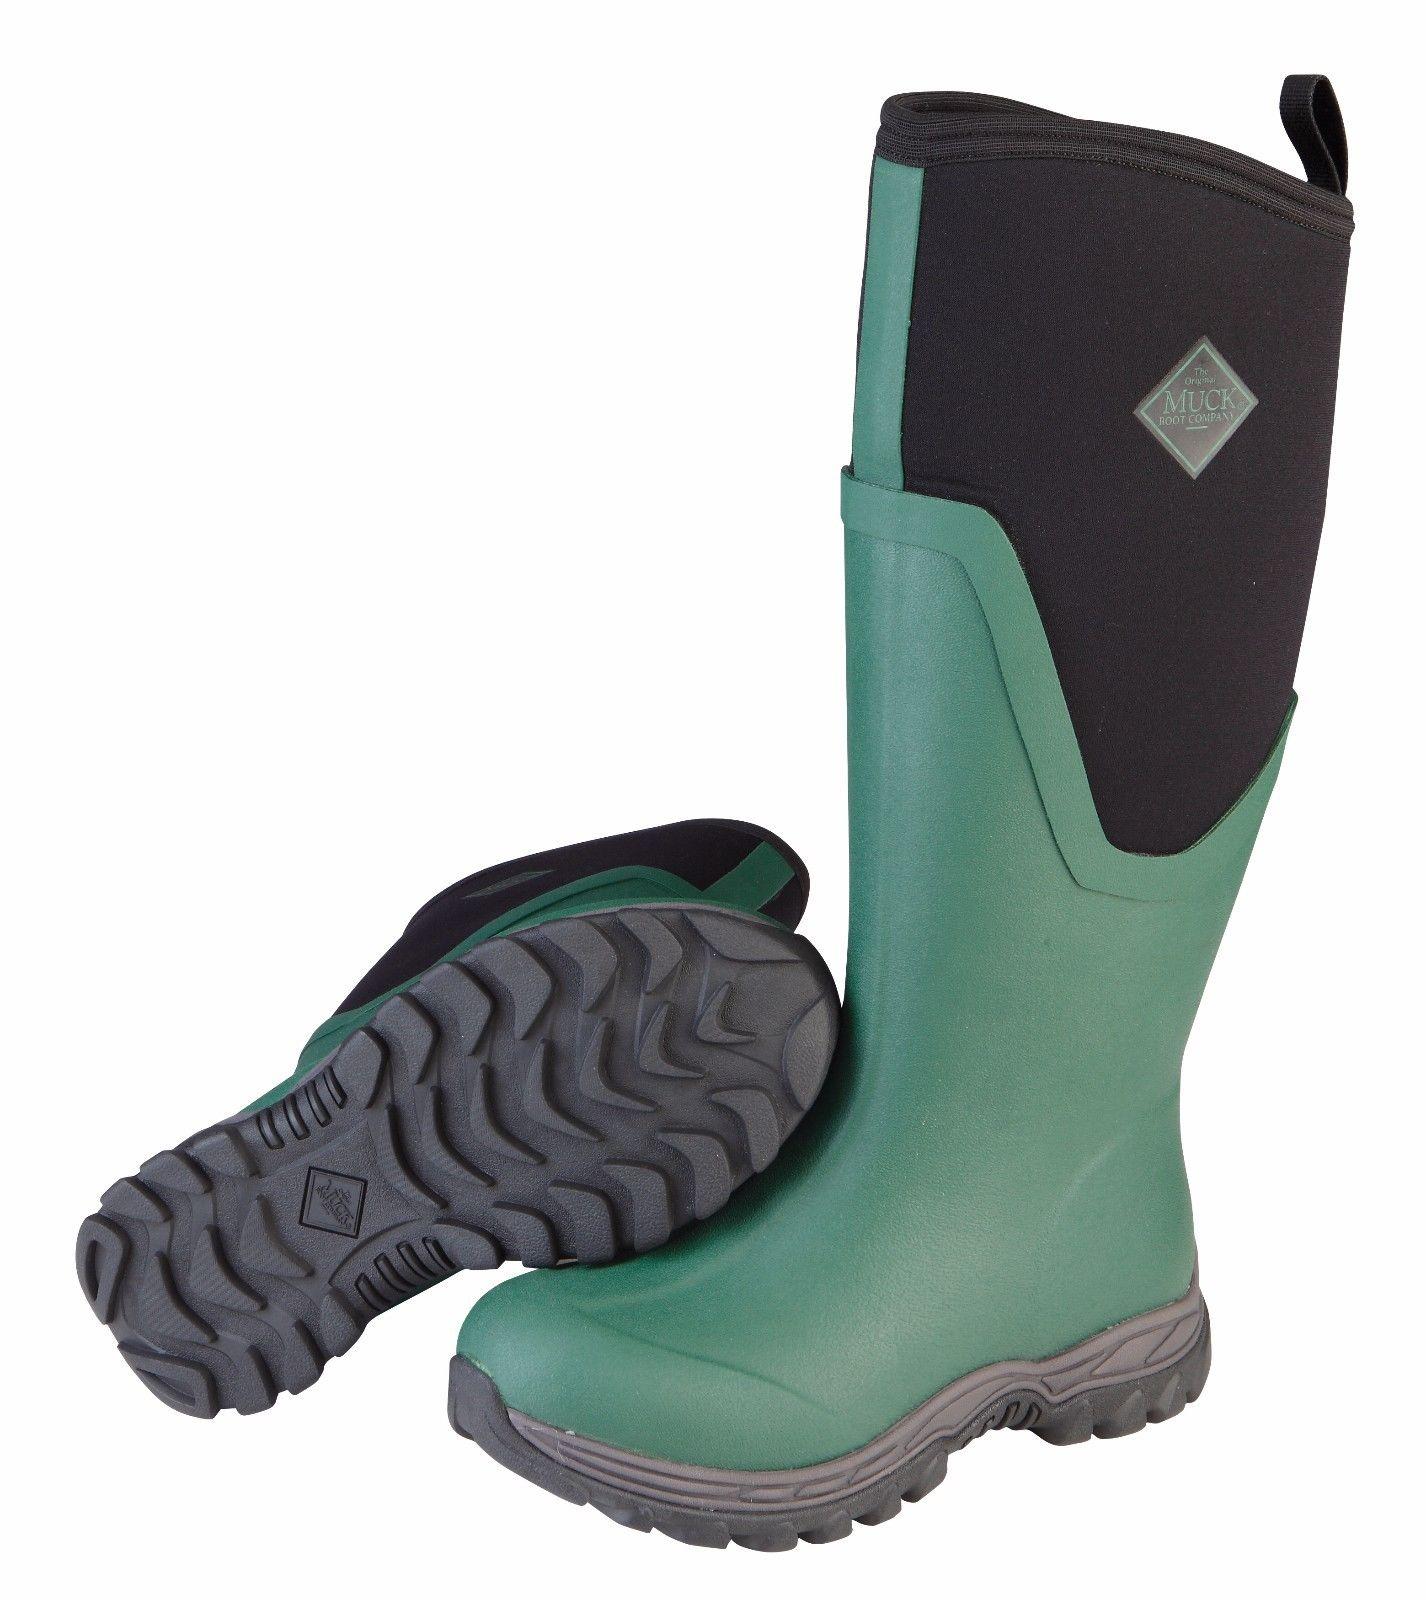 muck arctic sport grand as2t300 Vert    la taille et bottes wellington | Jolie Et Colorée  9bbf8c